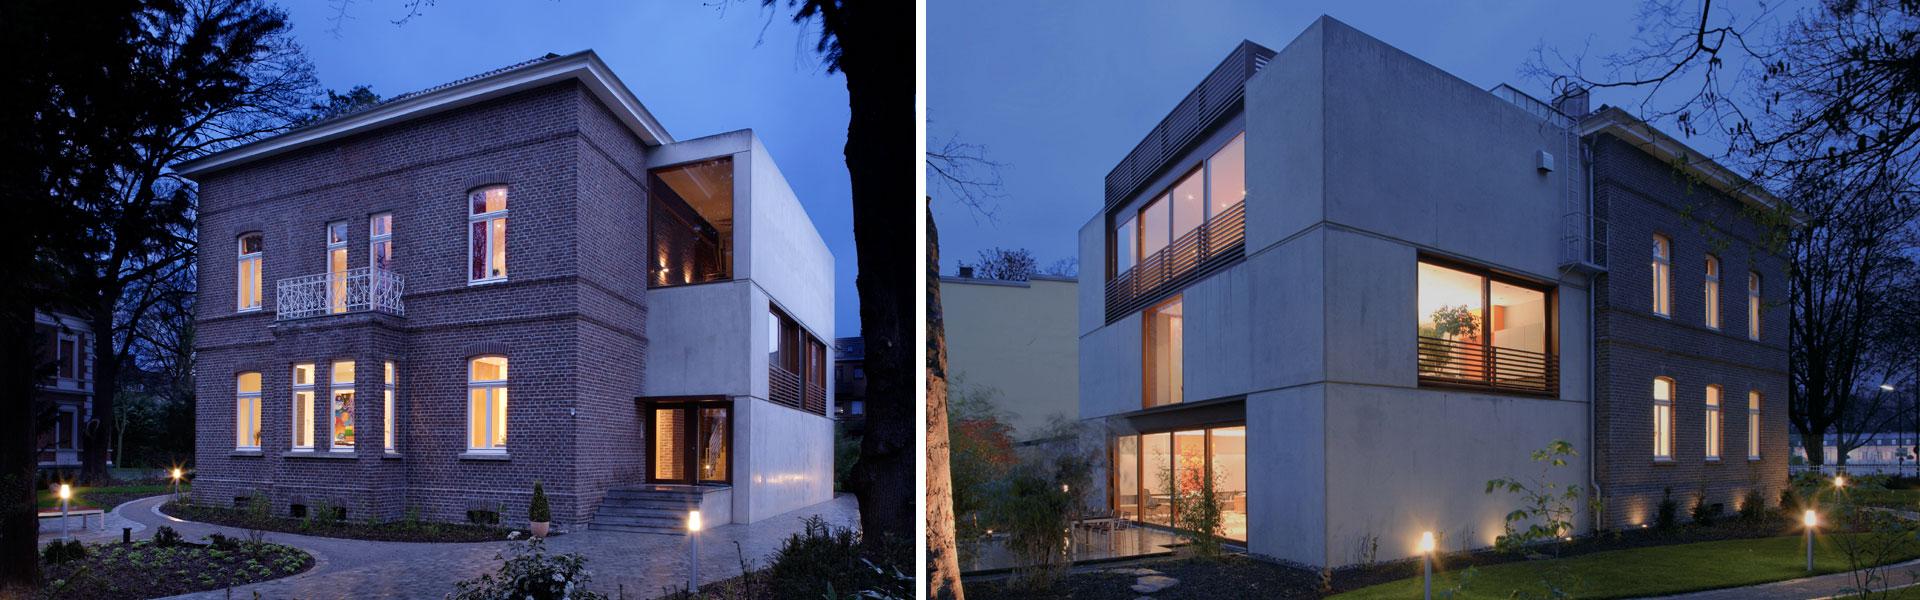 Architektur Innenarchitektur Düsseldorf Bauen im Bestand